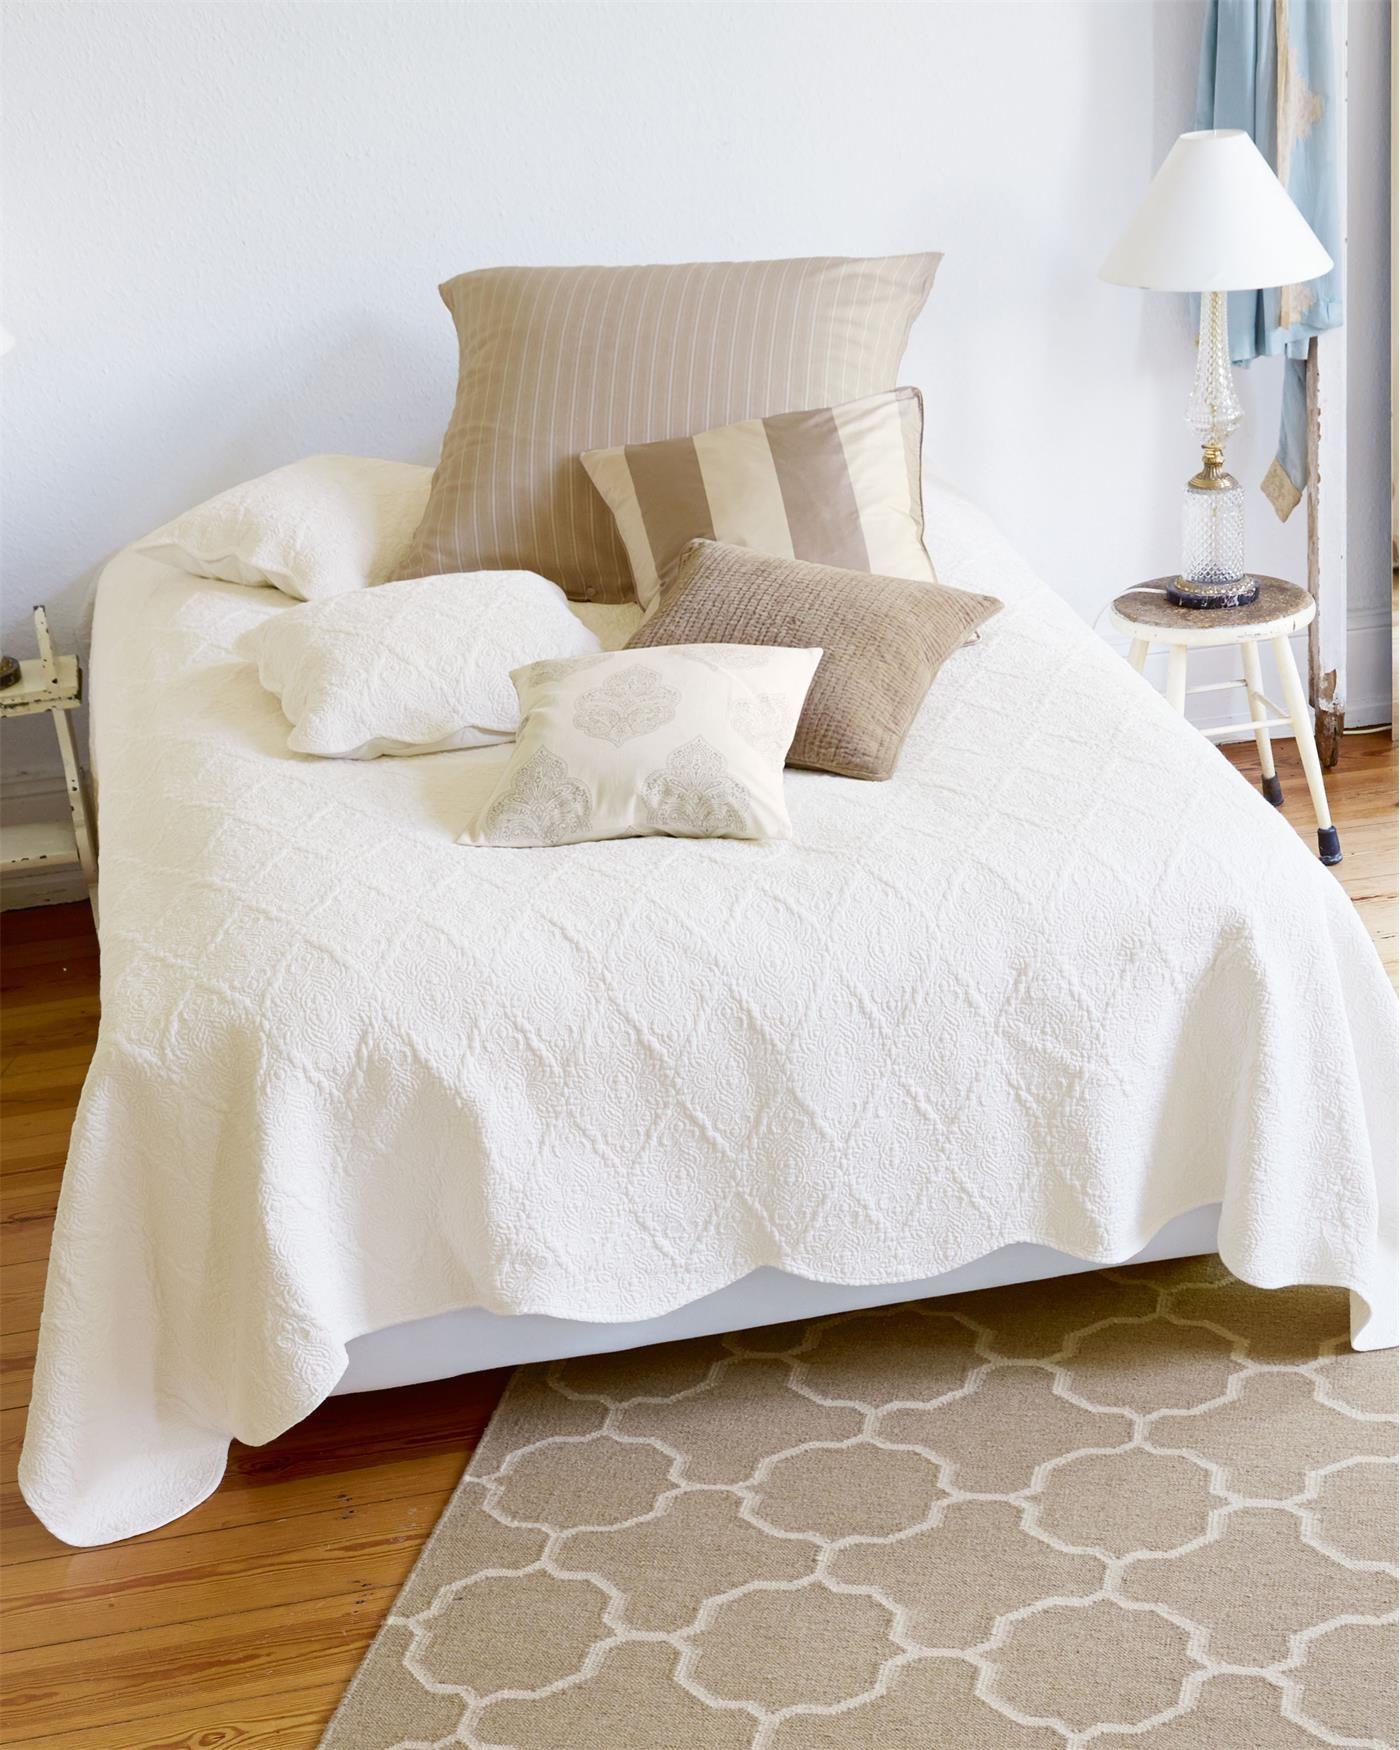 Vossberg De quilt weiße nächte für sie auf vossberg de schlafzimmer